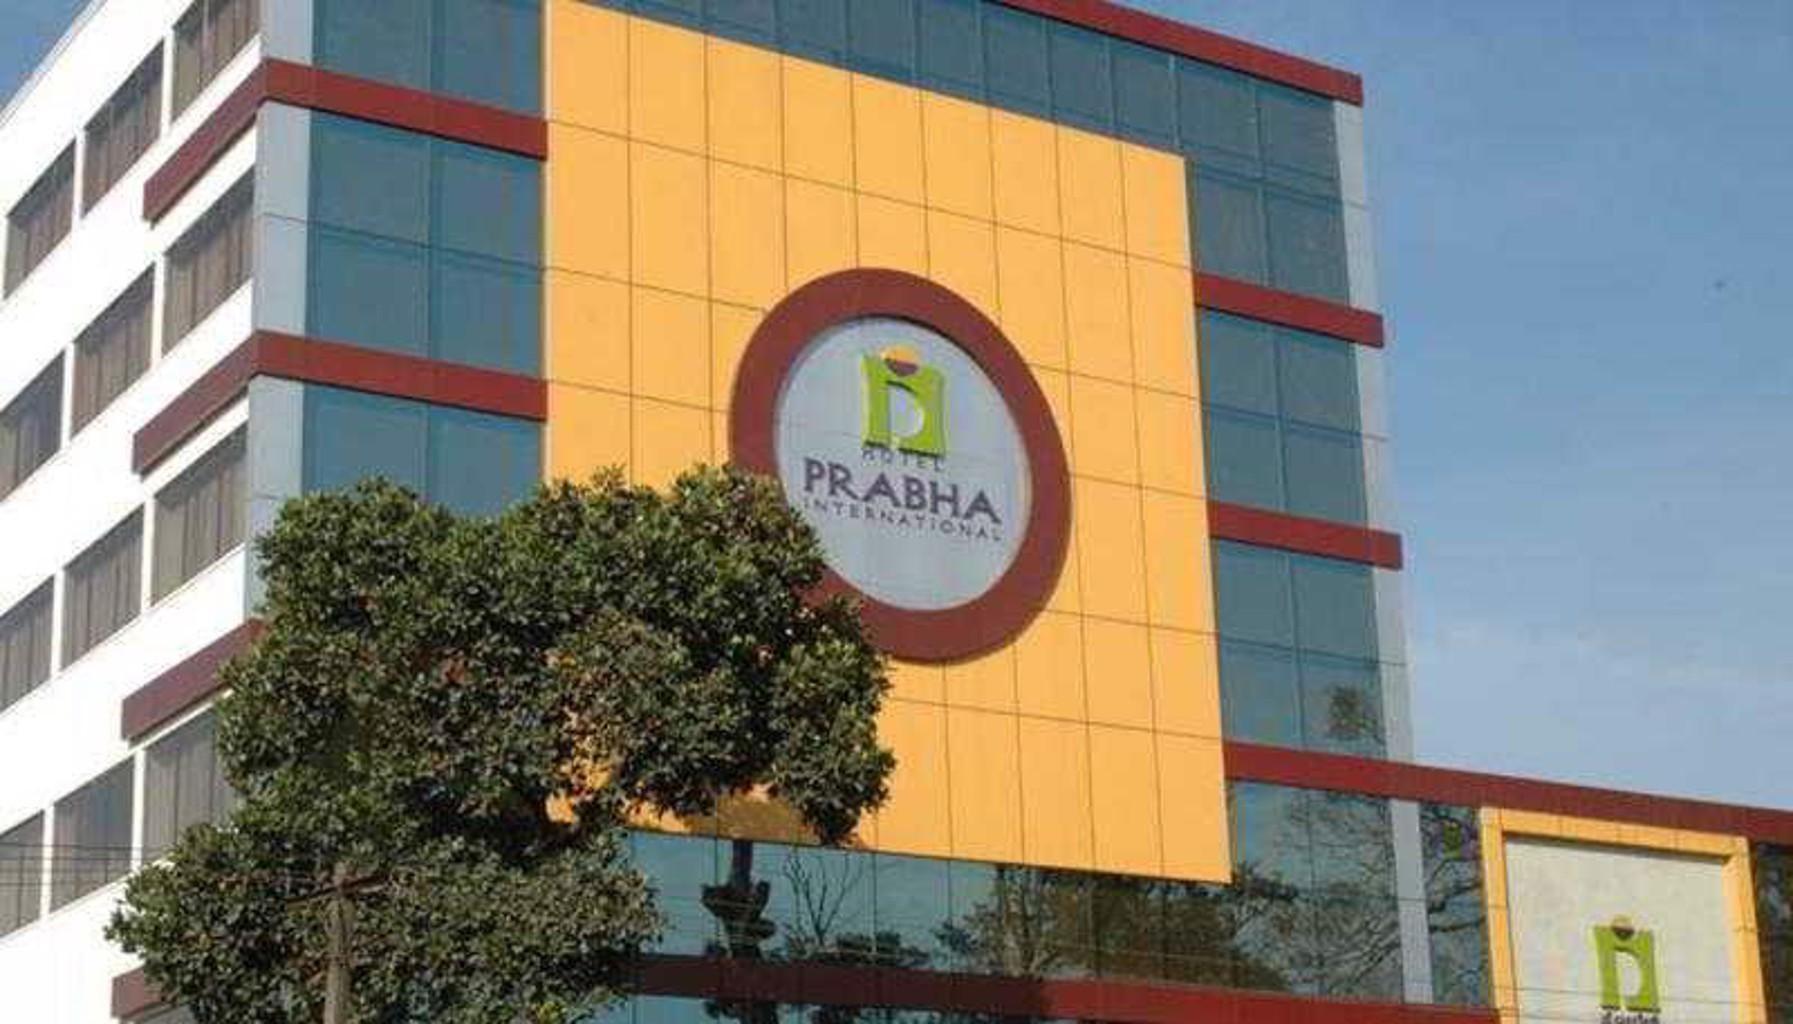 Prabha International